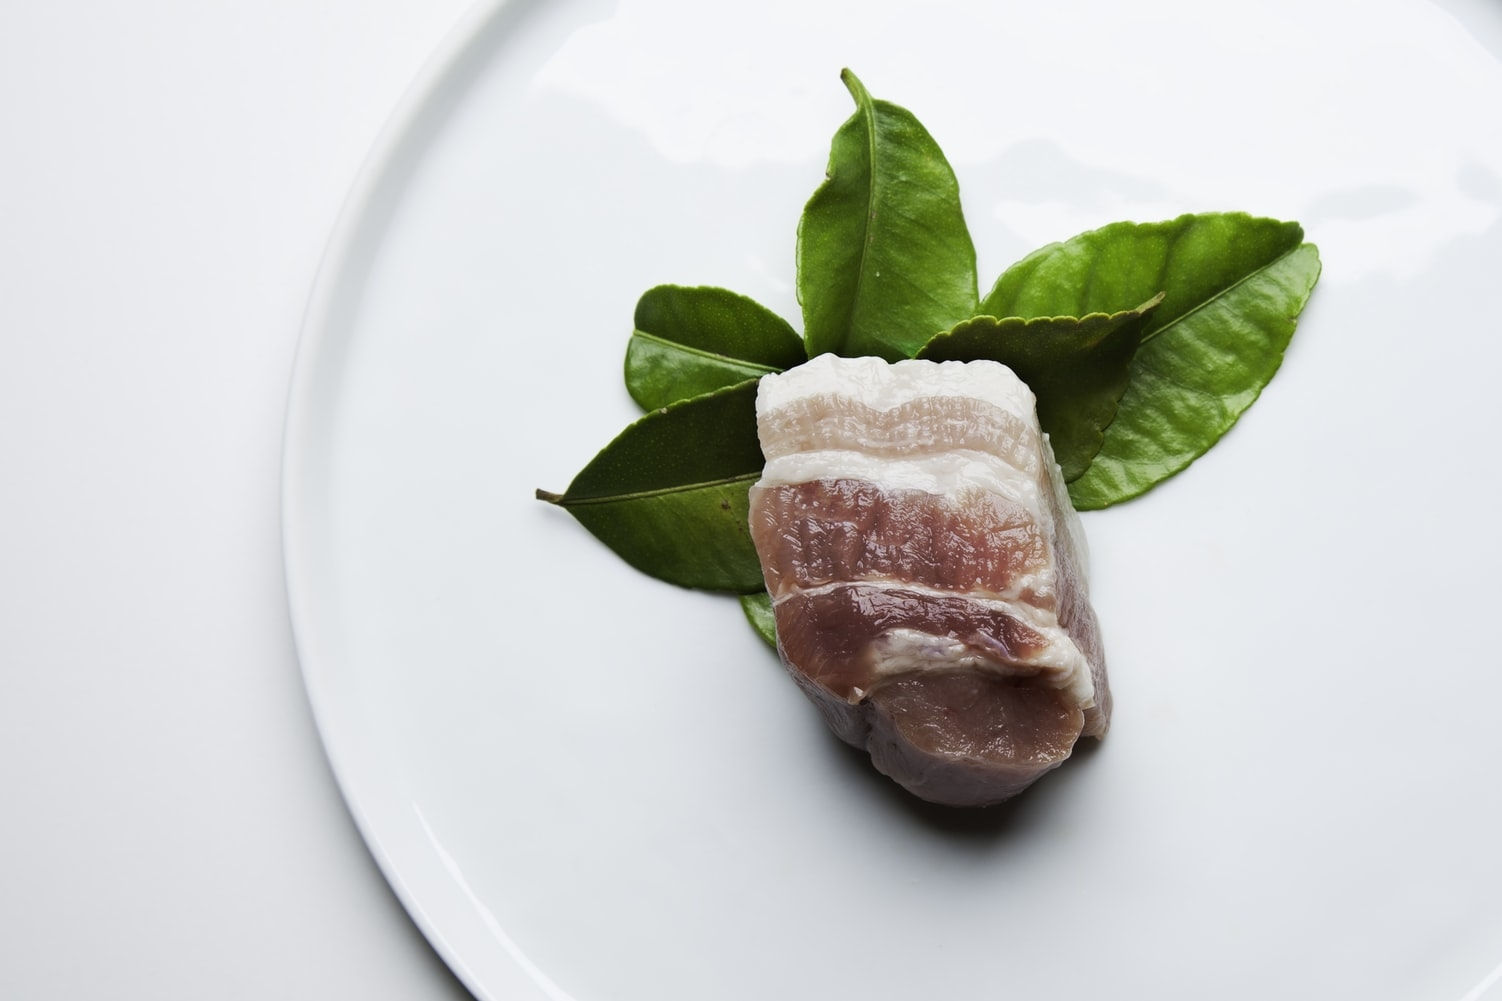 高たんぱく質で食物繊維の多いものがgood